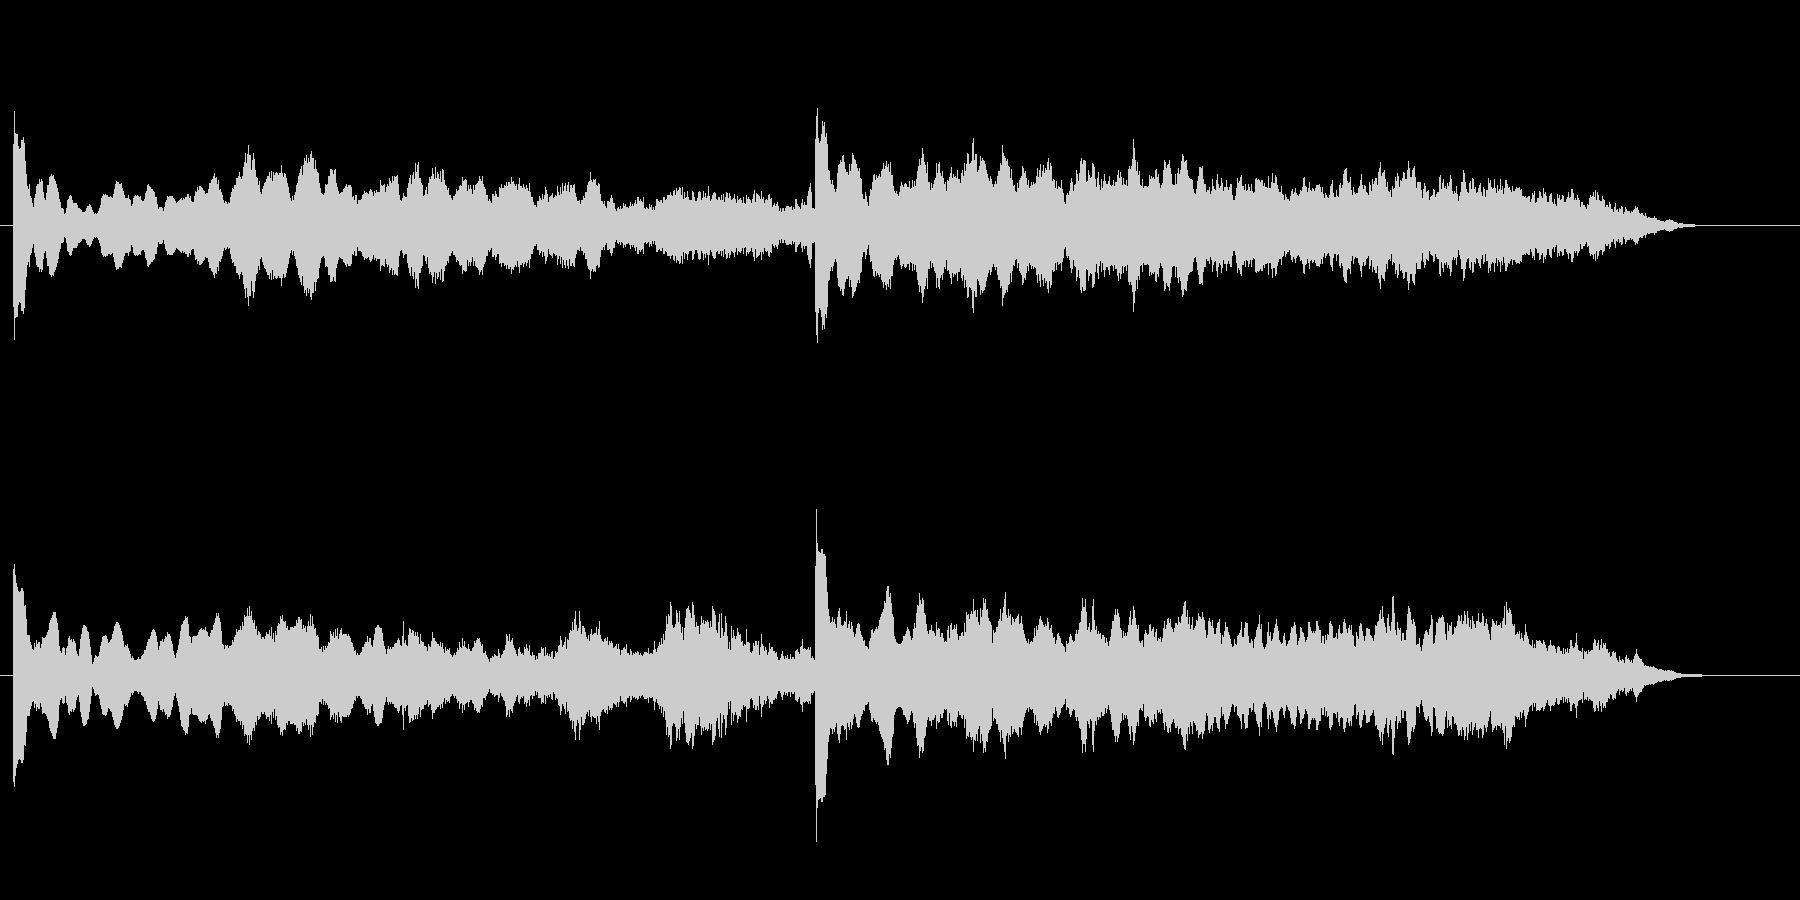 環境音楽(無機質な調べ)の未再生の波形